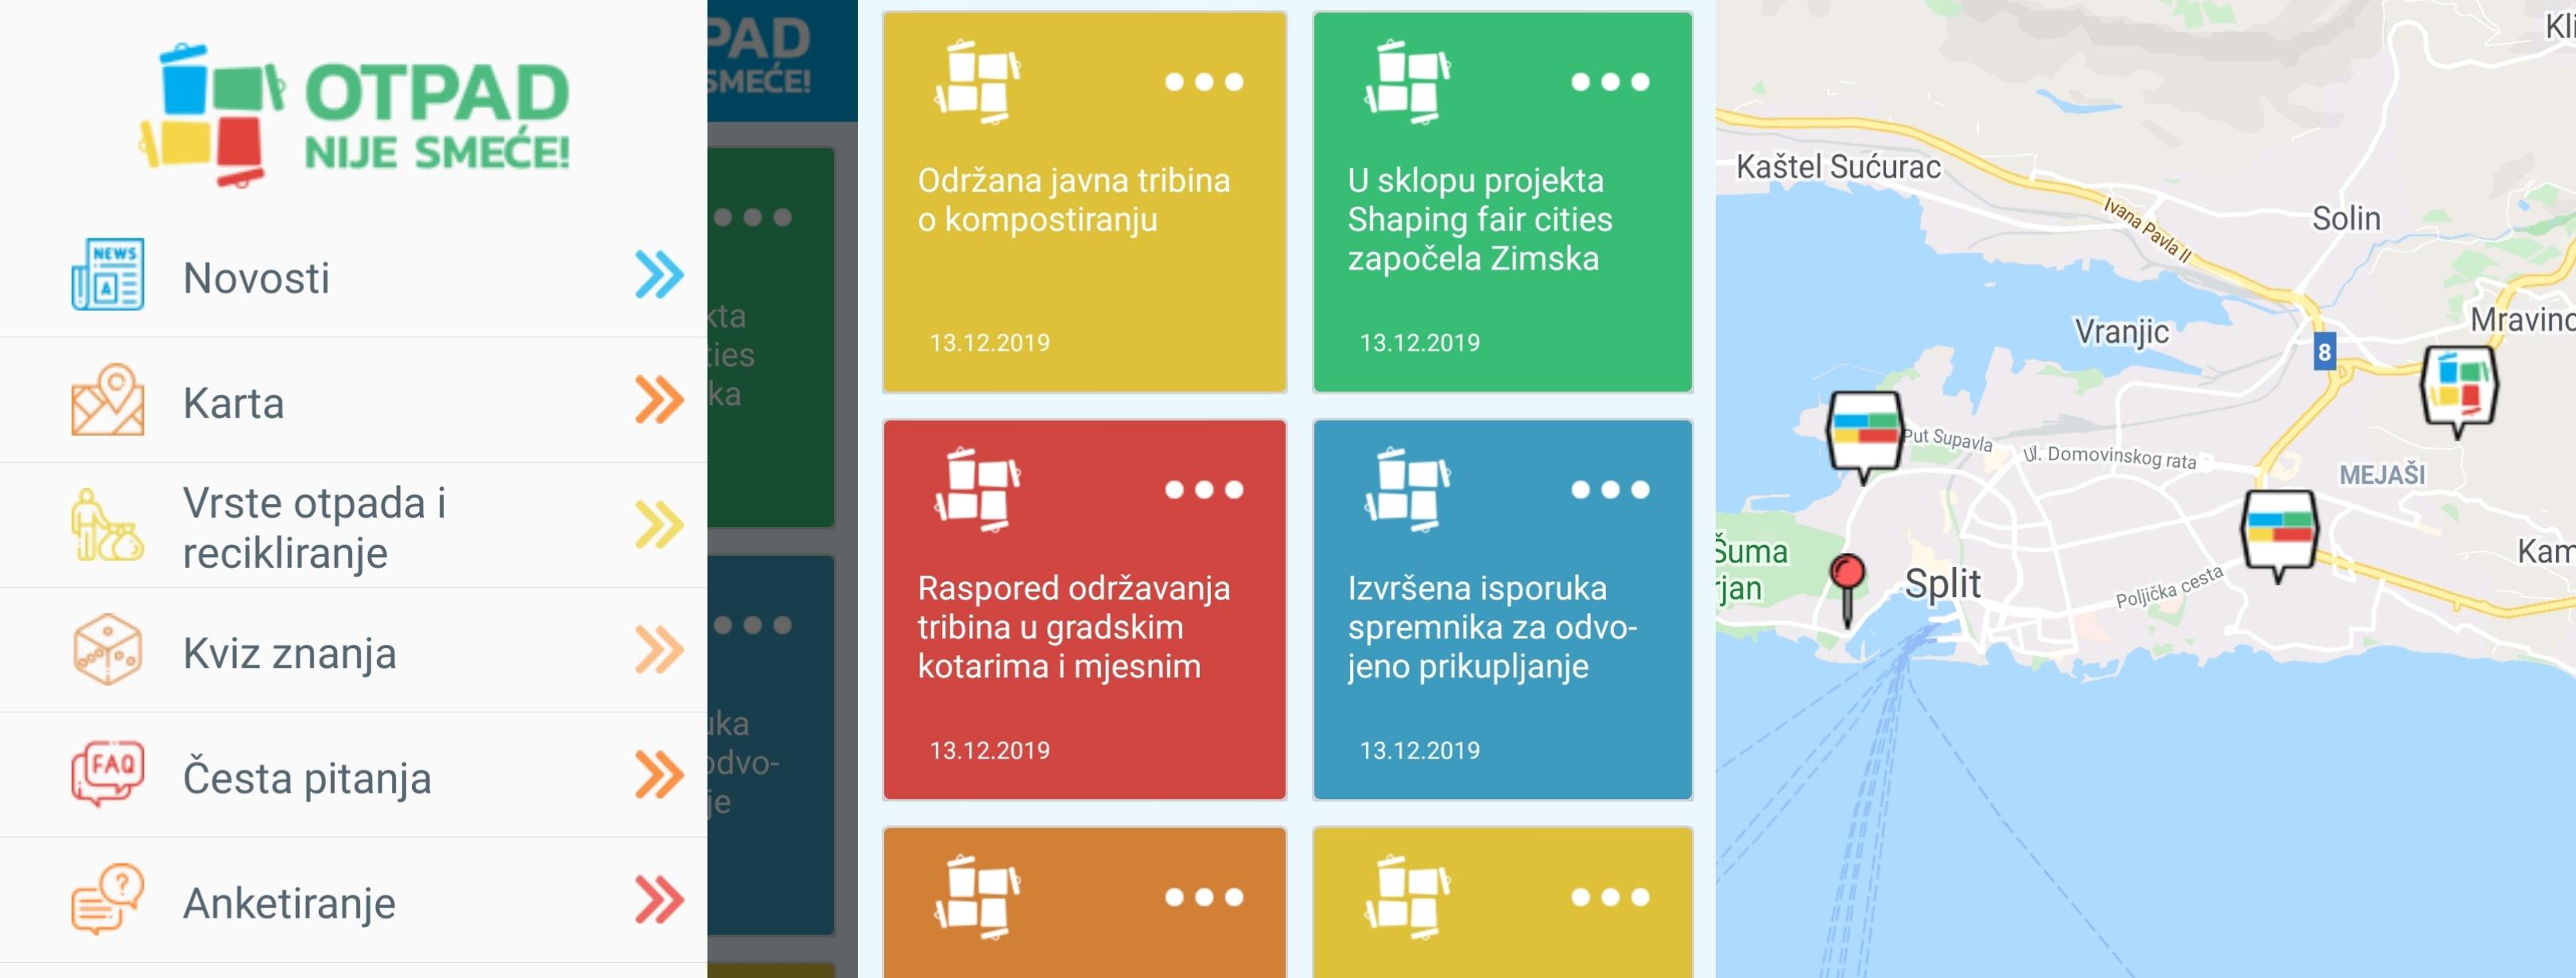 Izrađena aplikacija u sklopu projekta Otpad nije smeće!